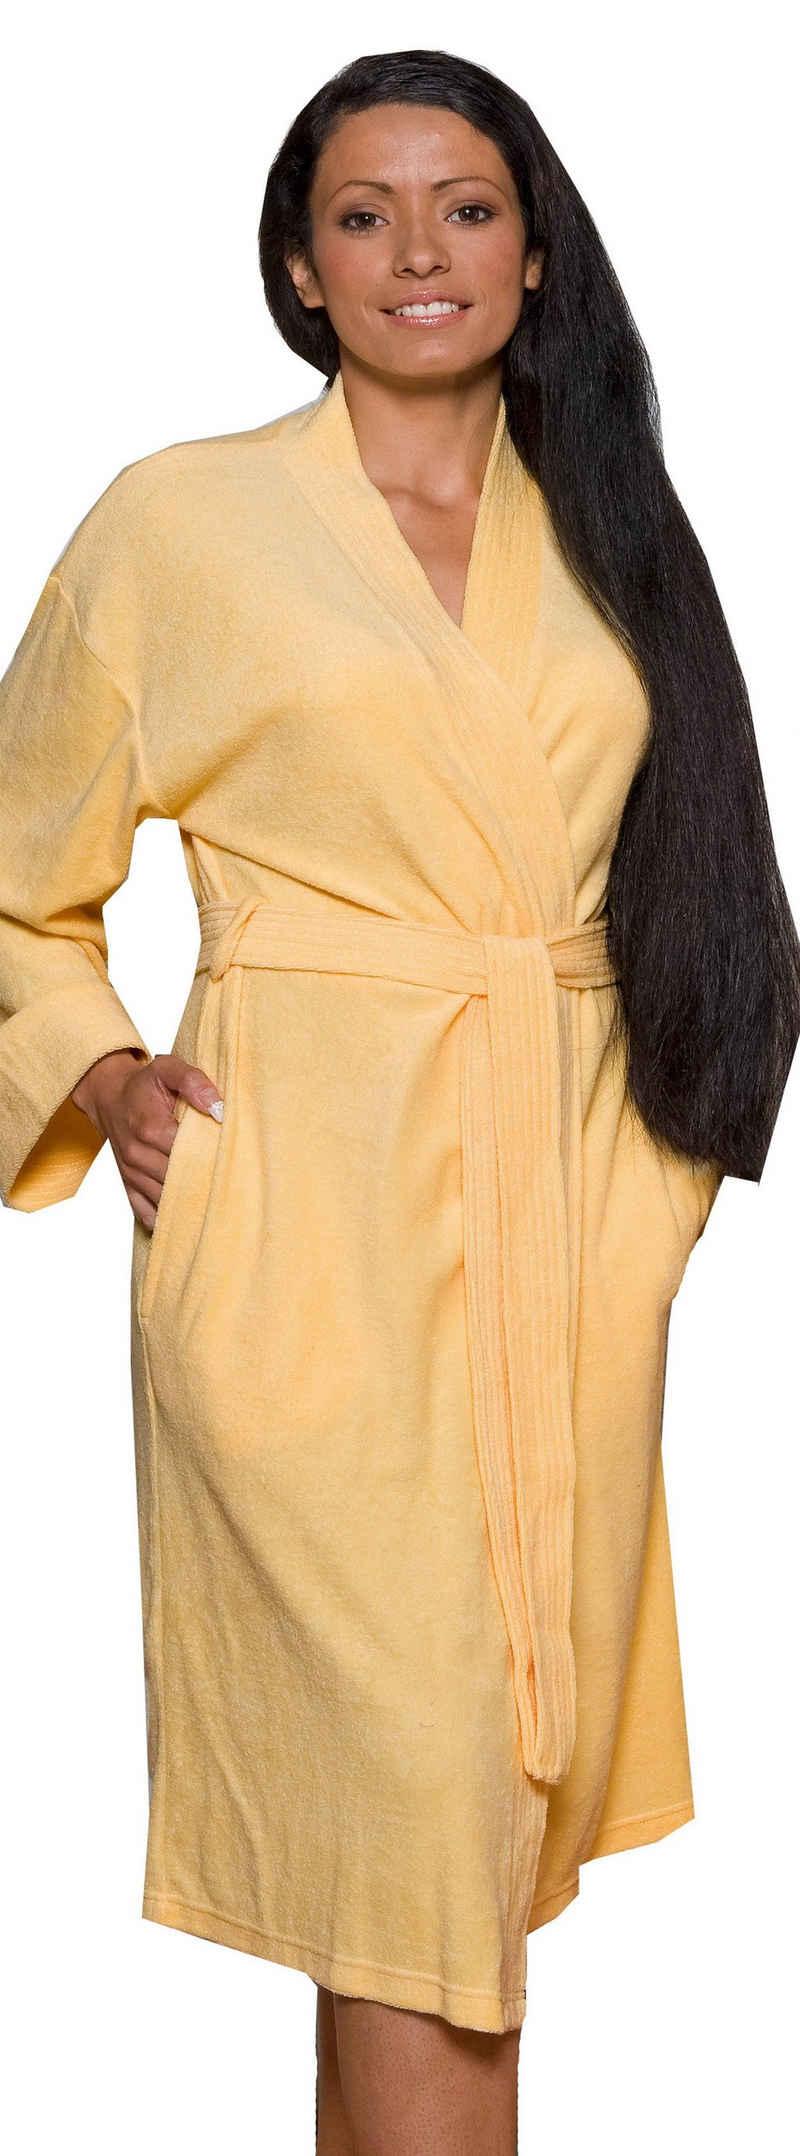 Bademantel »Jersey«, Lashuma, - der leichte Bademantel für Frauen